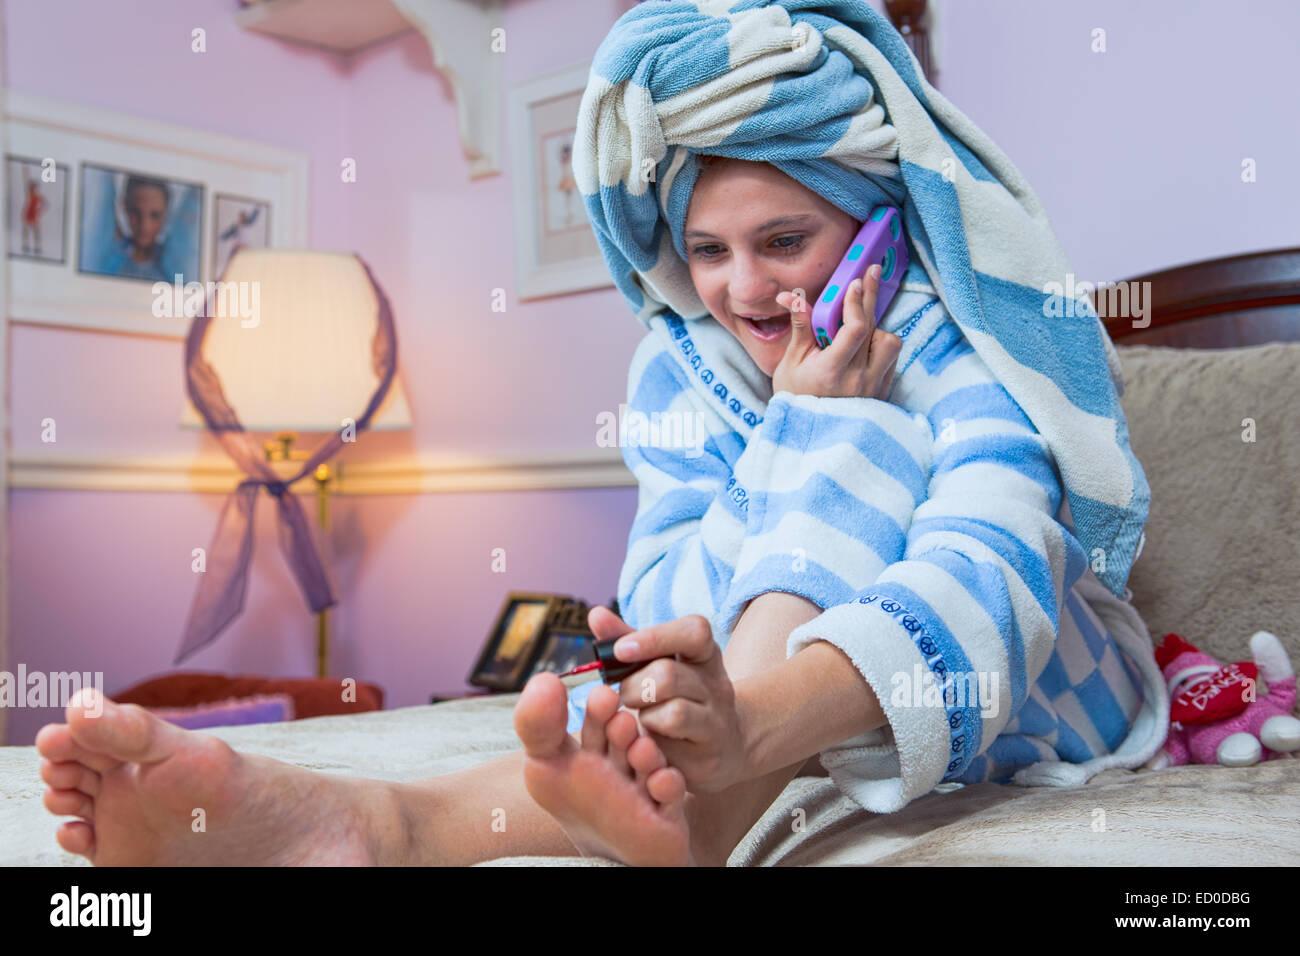 Chica joven hablando por teléfono móvil mientras pintar uñas Imagen De Stock